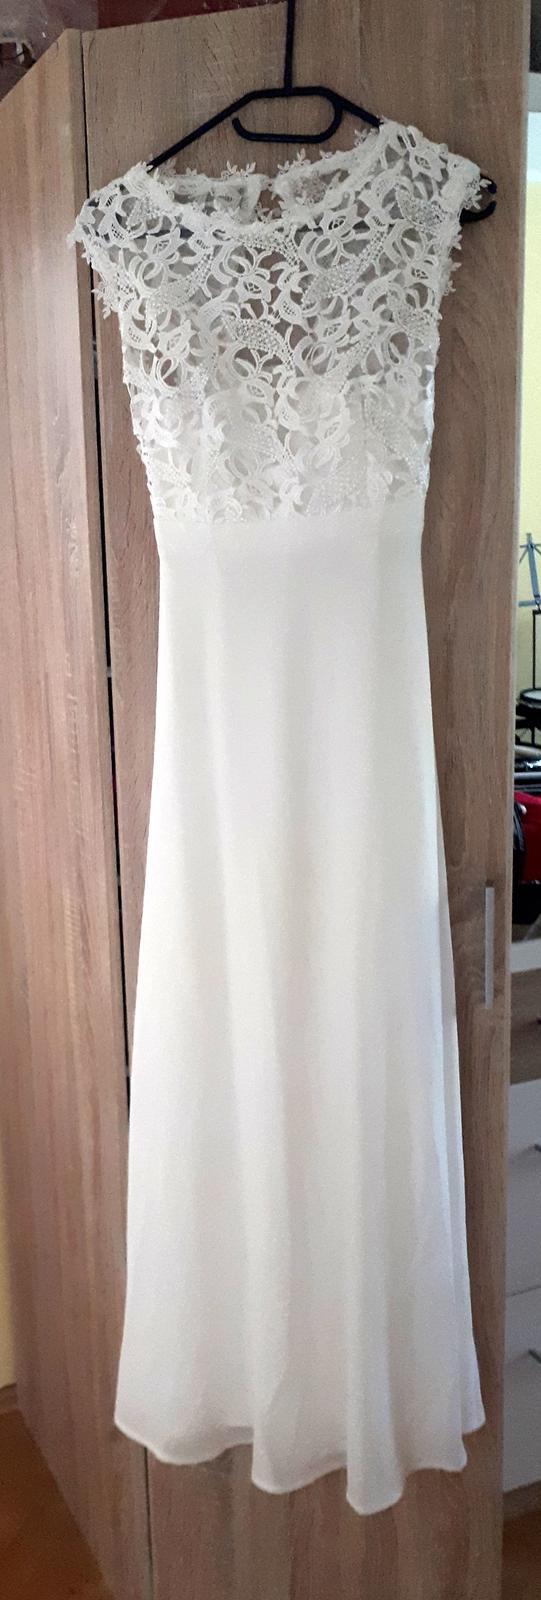 Bílé šaty Eva a Lola, vel. L, sedí ale spíše M - Obrázek č. 1